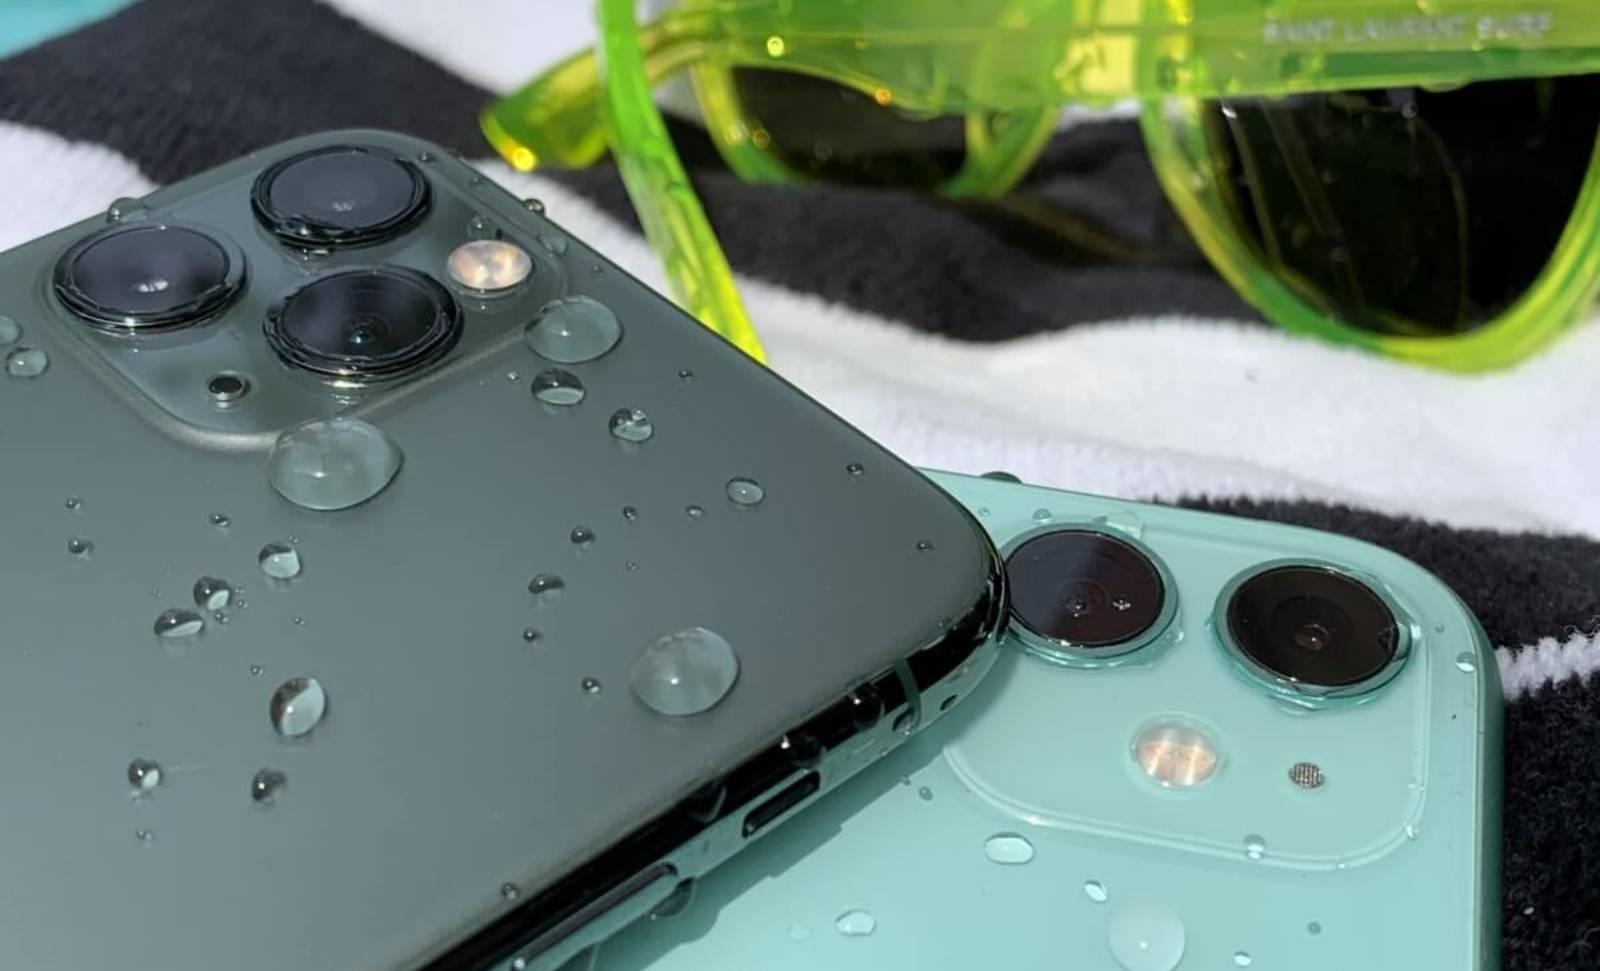 iPhone 11 Pro NU a fost Gandit pentru a avea Performante de TOP